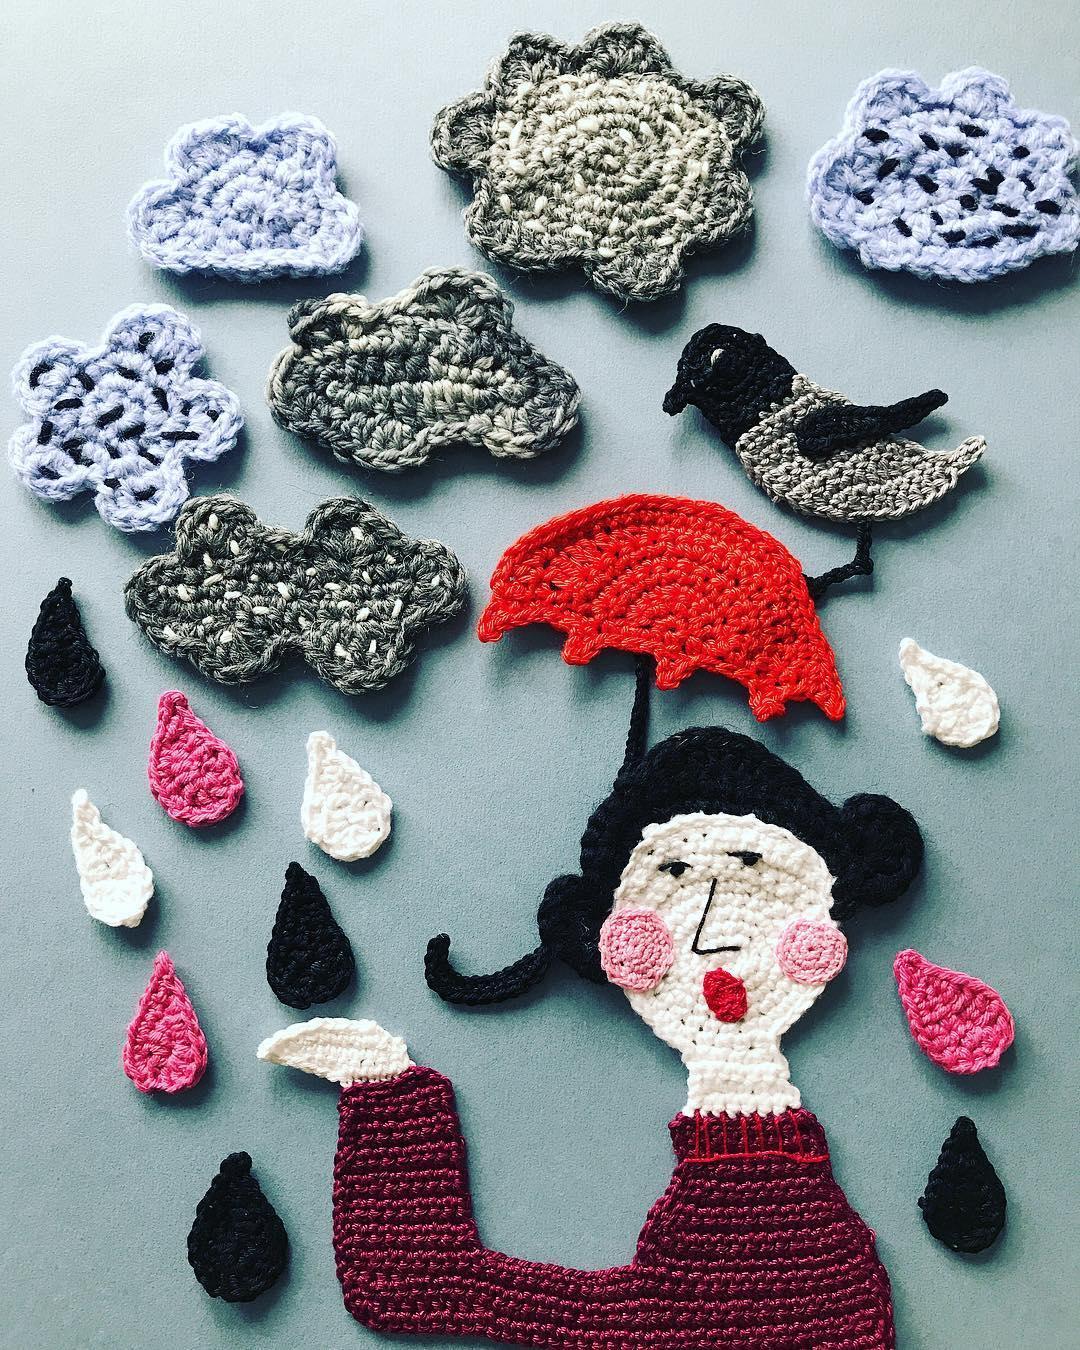 Crochet art crochet art by tuija heikkinen vhgxqts